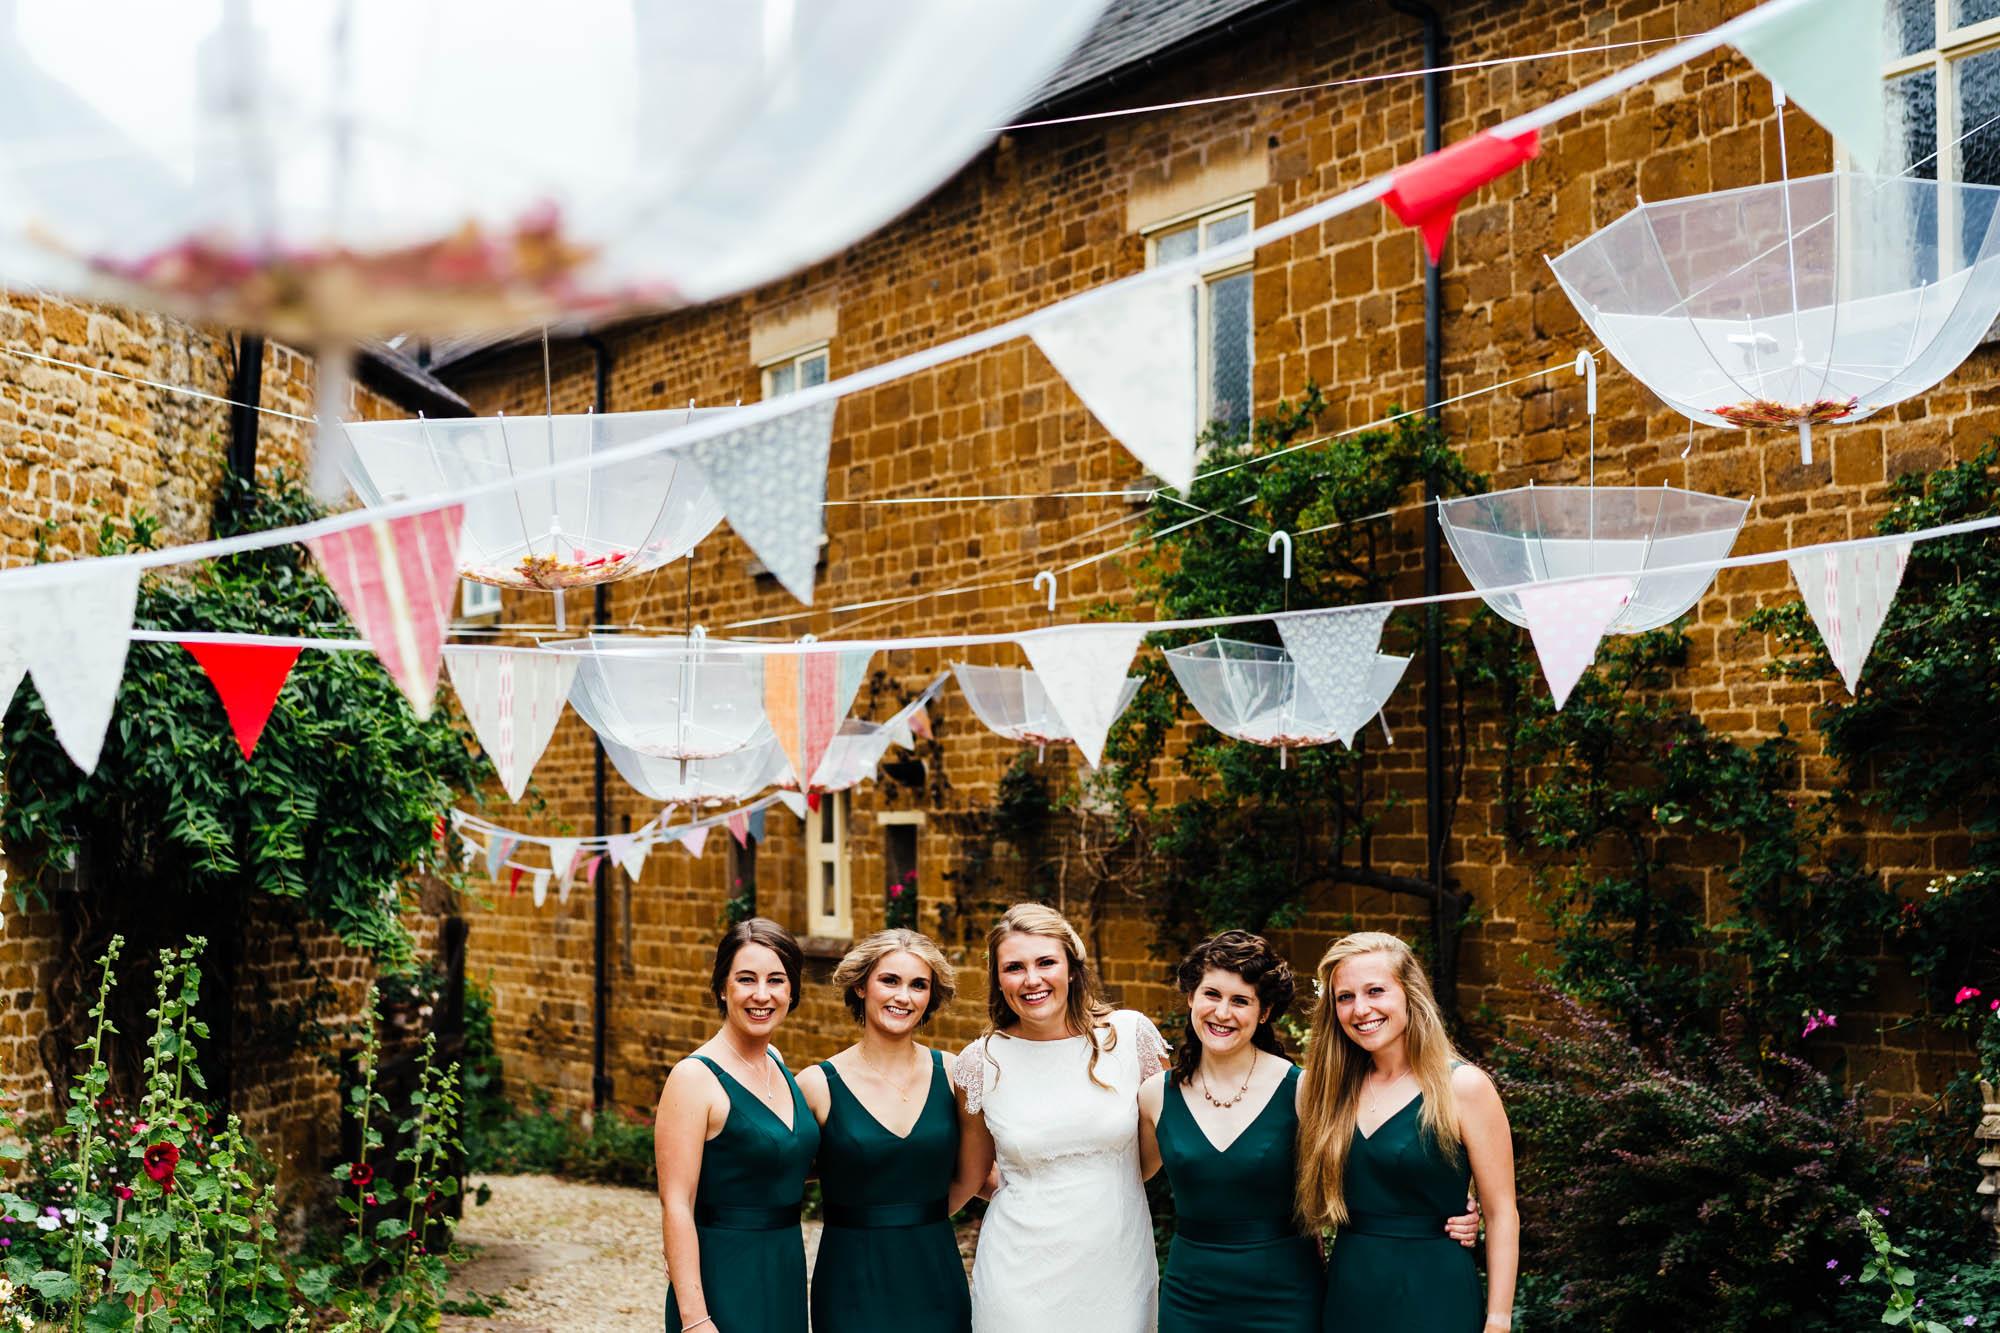 village-fete-wedding-17